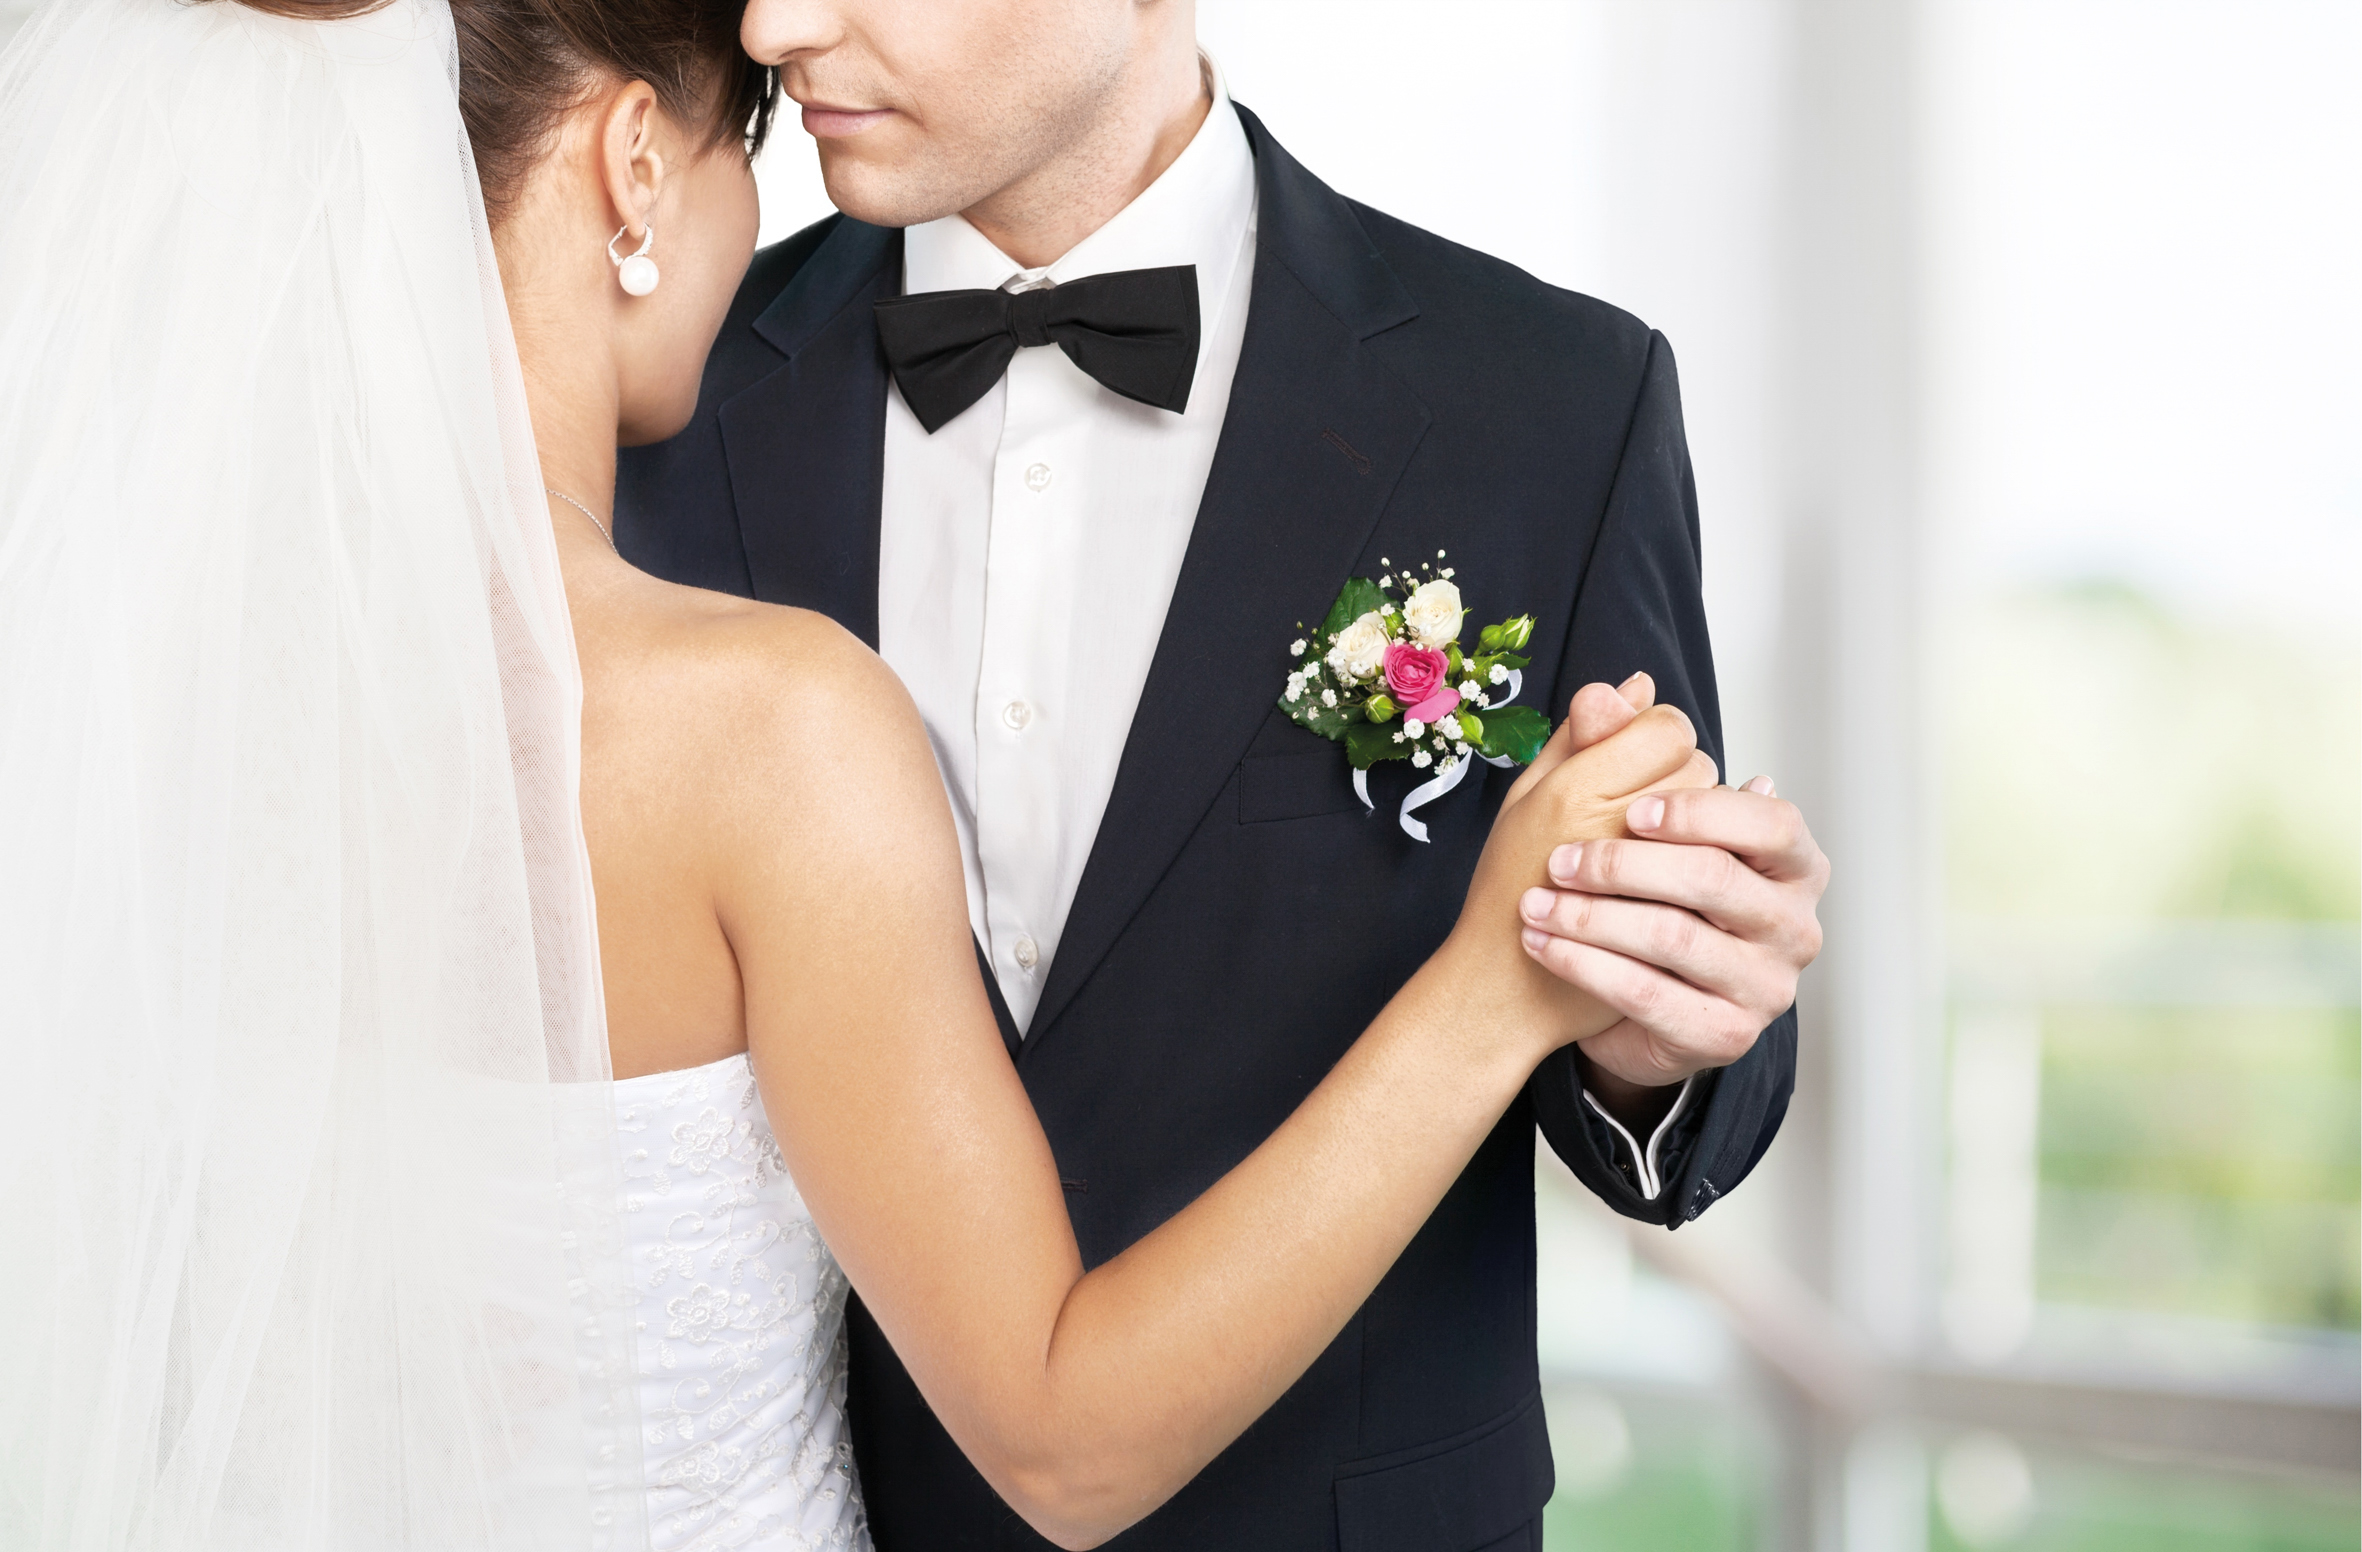 Tanzschule Hieble | Hochzeitstanz